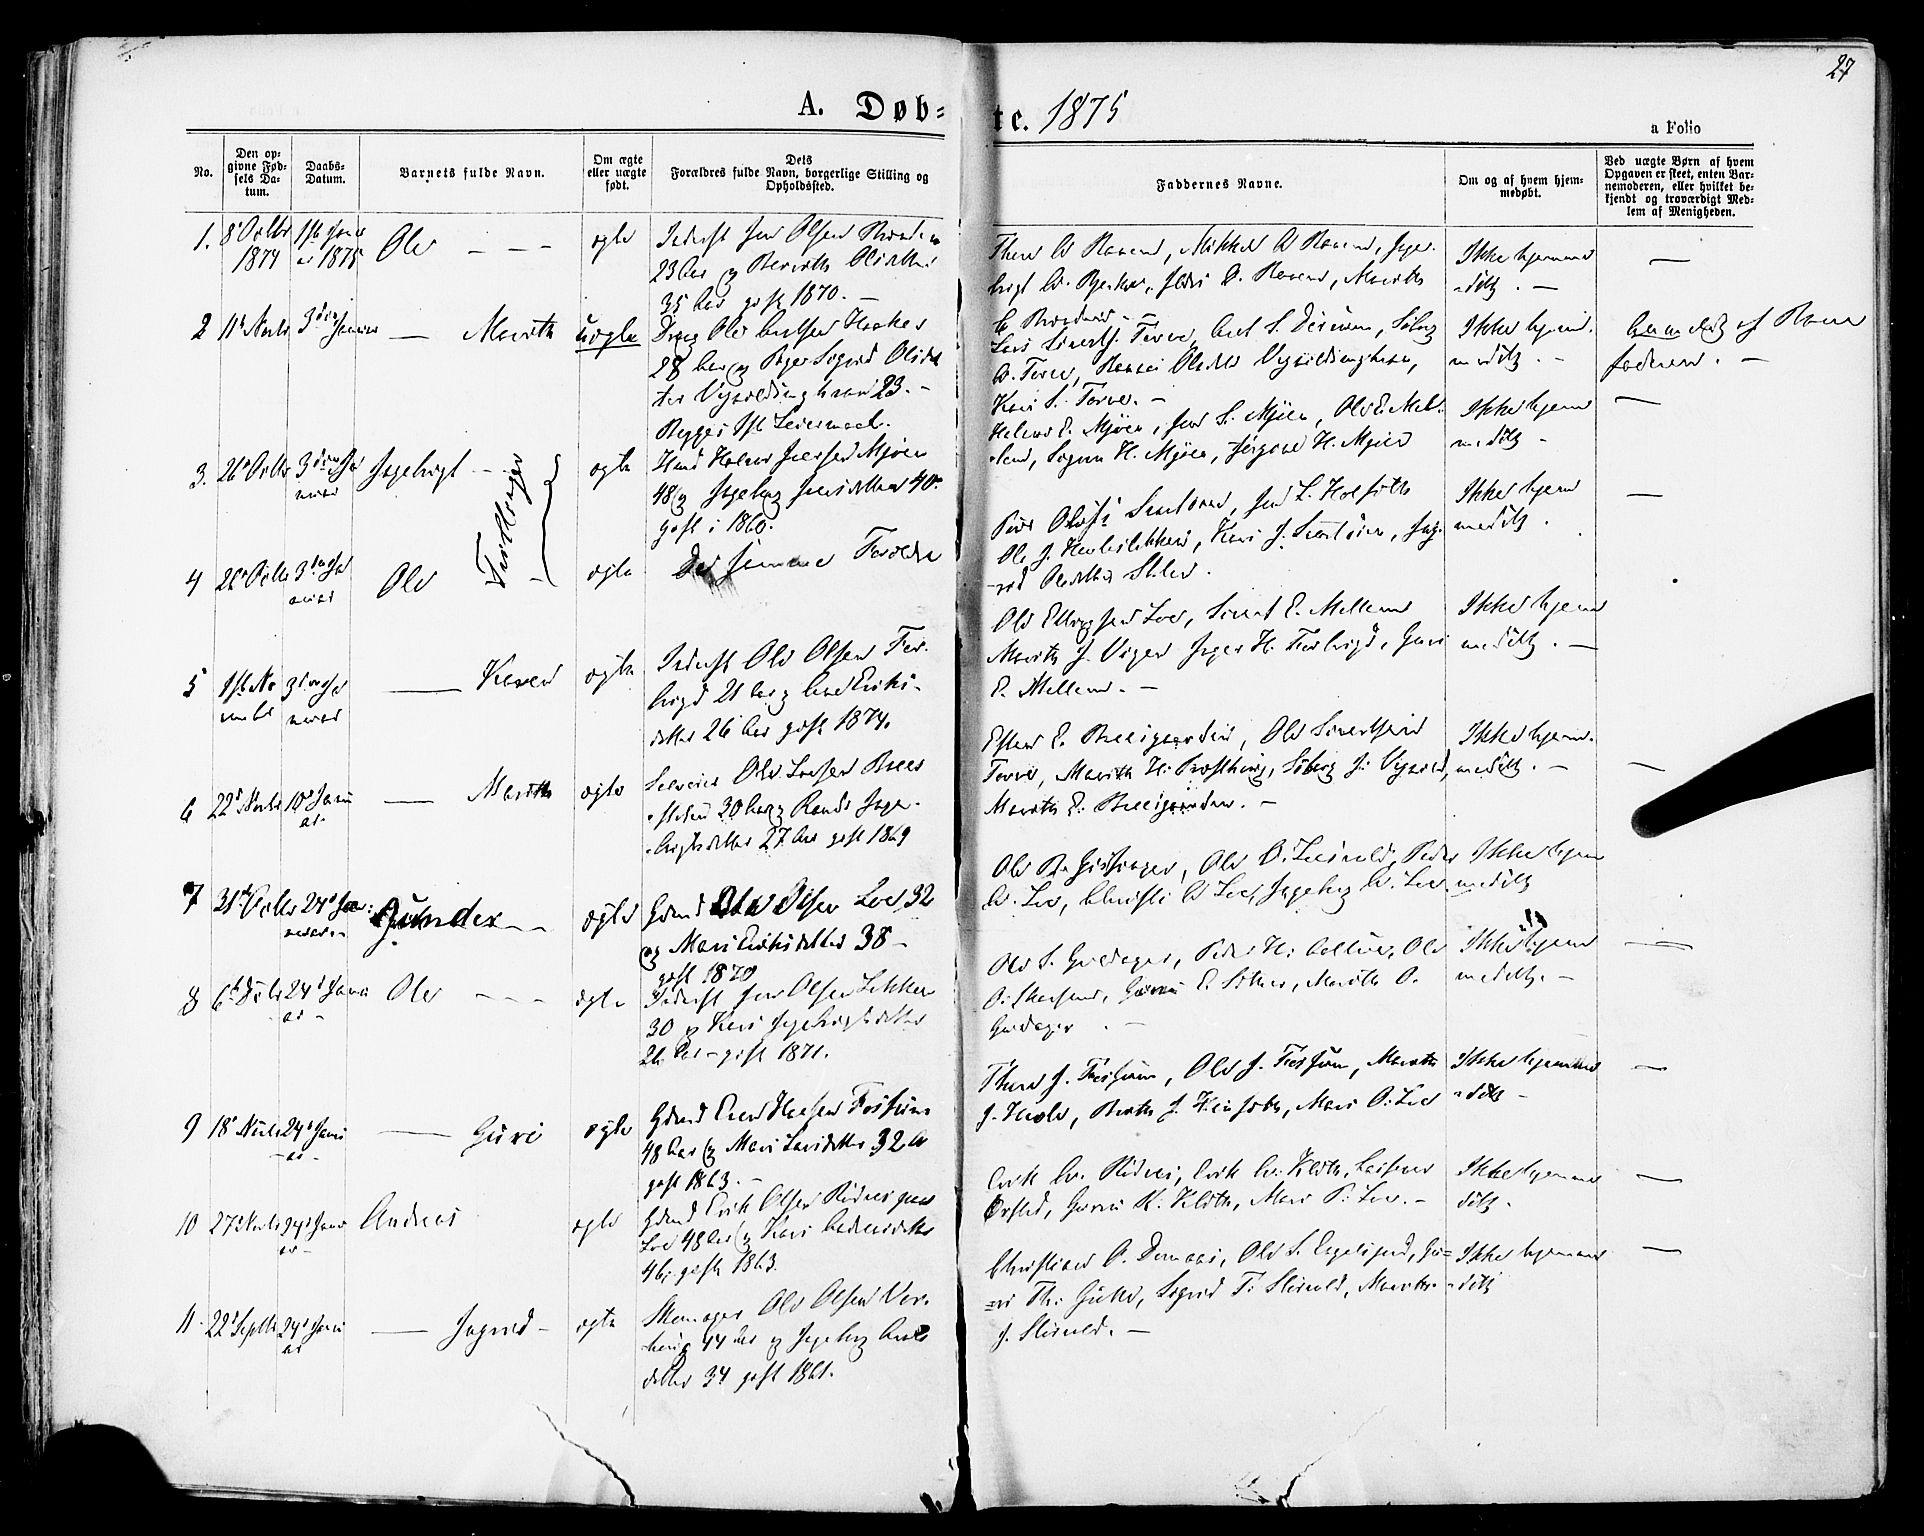 SAT, Ministerialprotokoller, klokkerbøker og fødselsregistre - Sør-Trøndelag, 678/L0900: Ministerialbok nr. 678A09, 1872-1881, s. 27